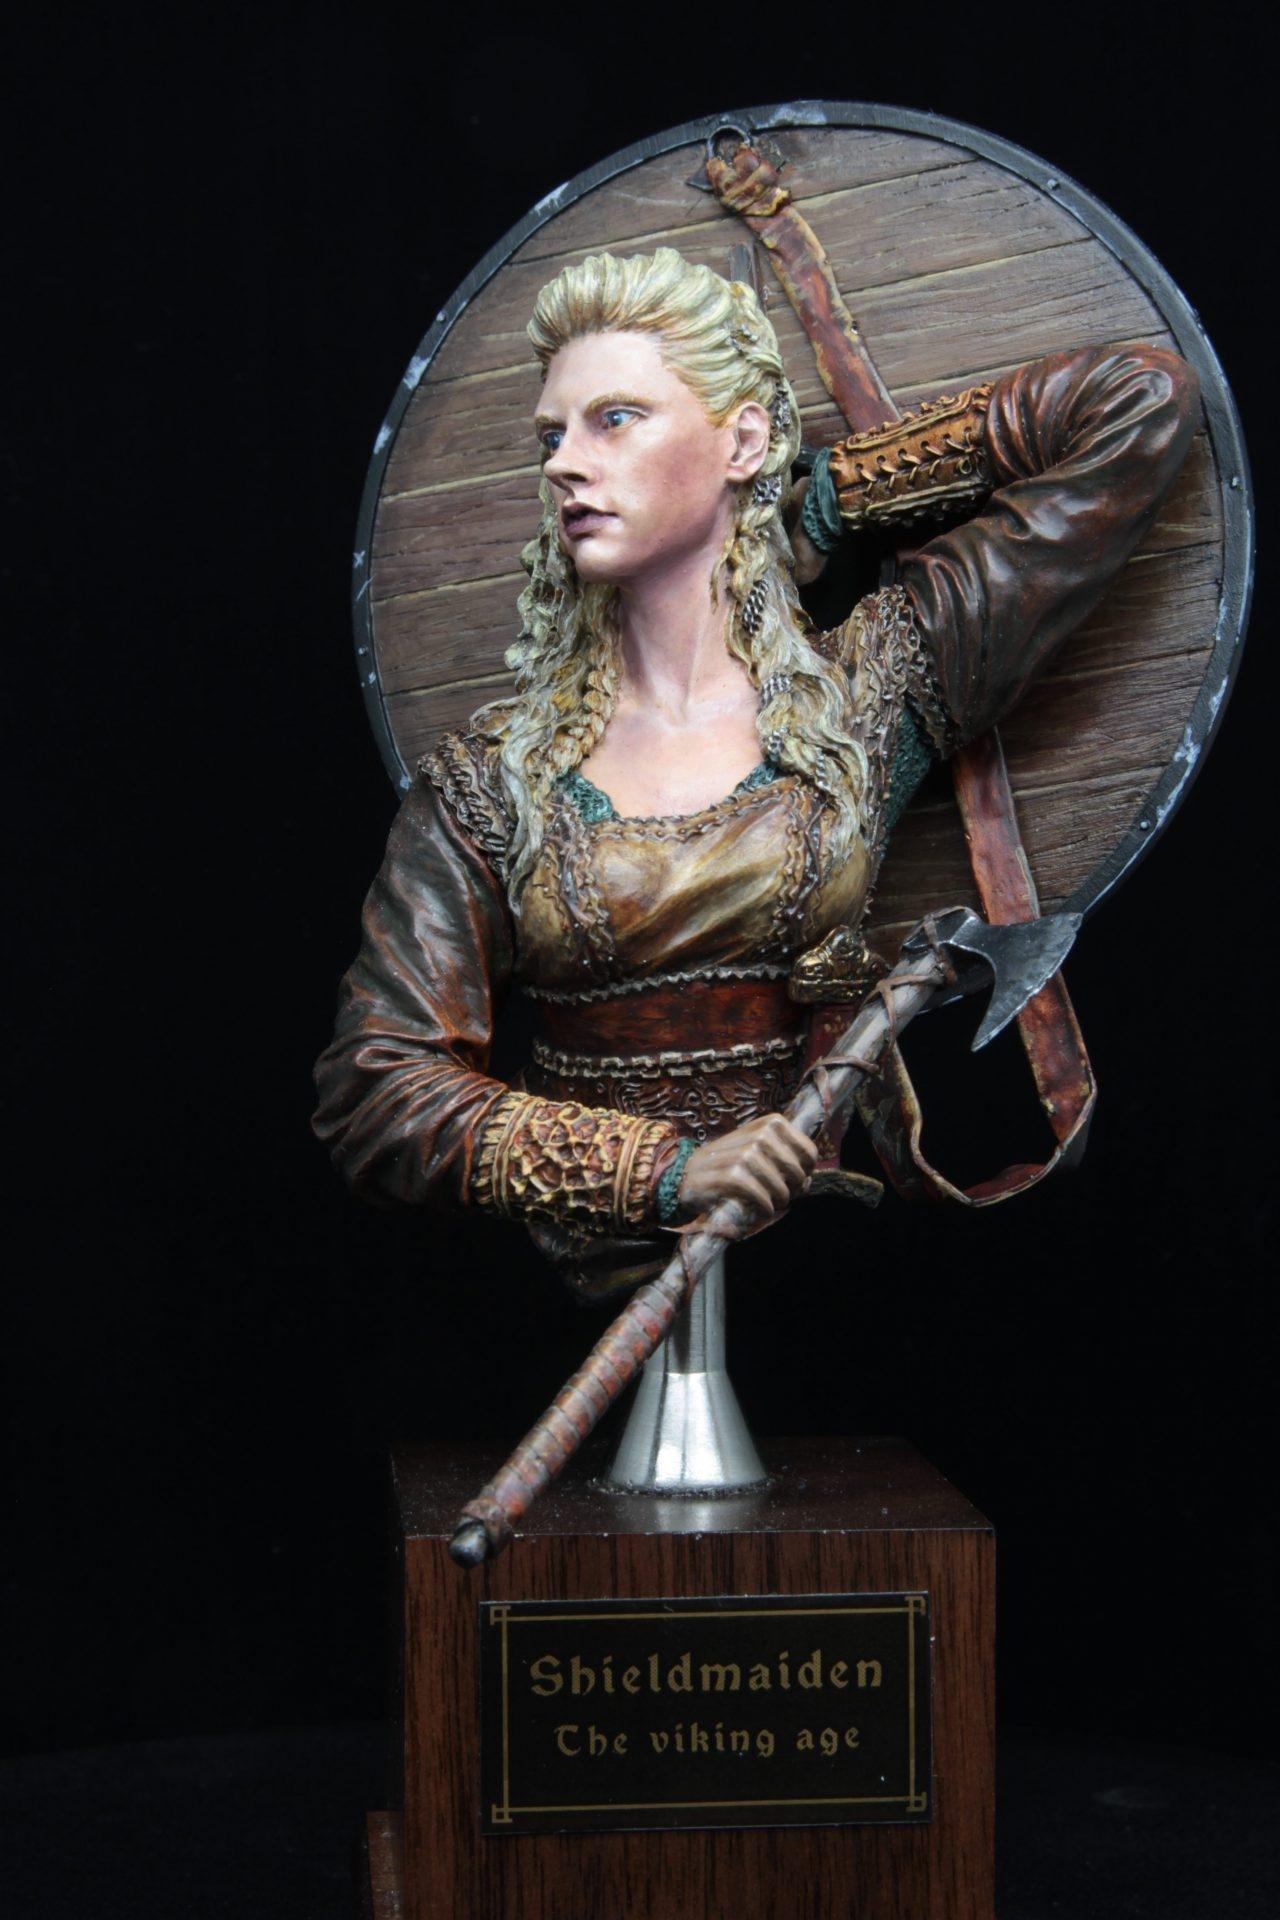 Shieldmaiden-01